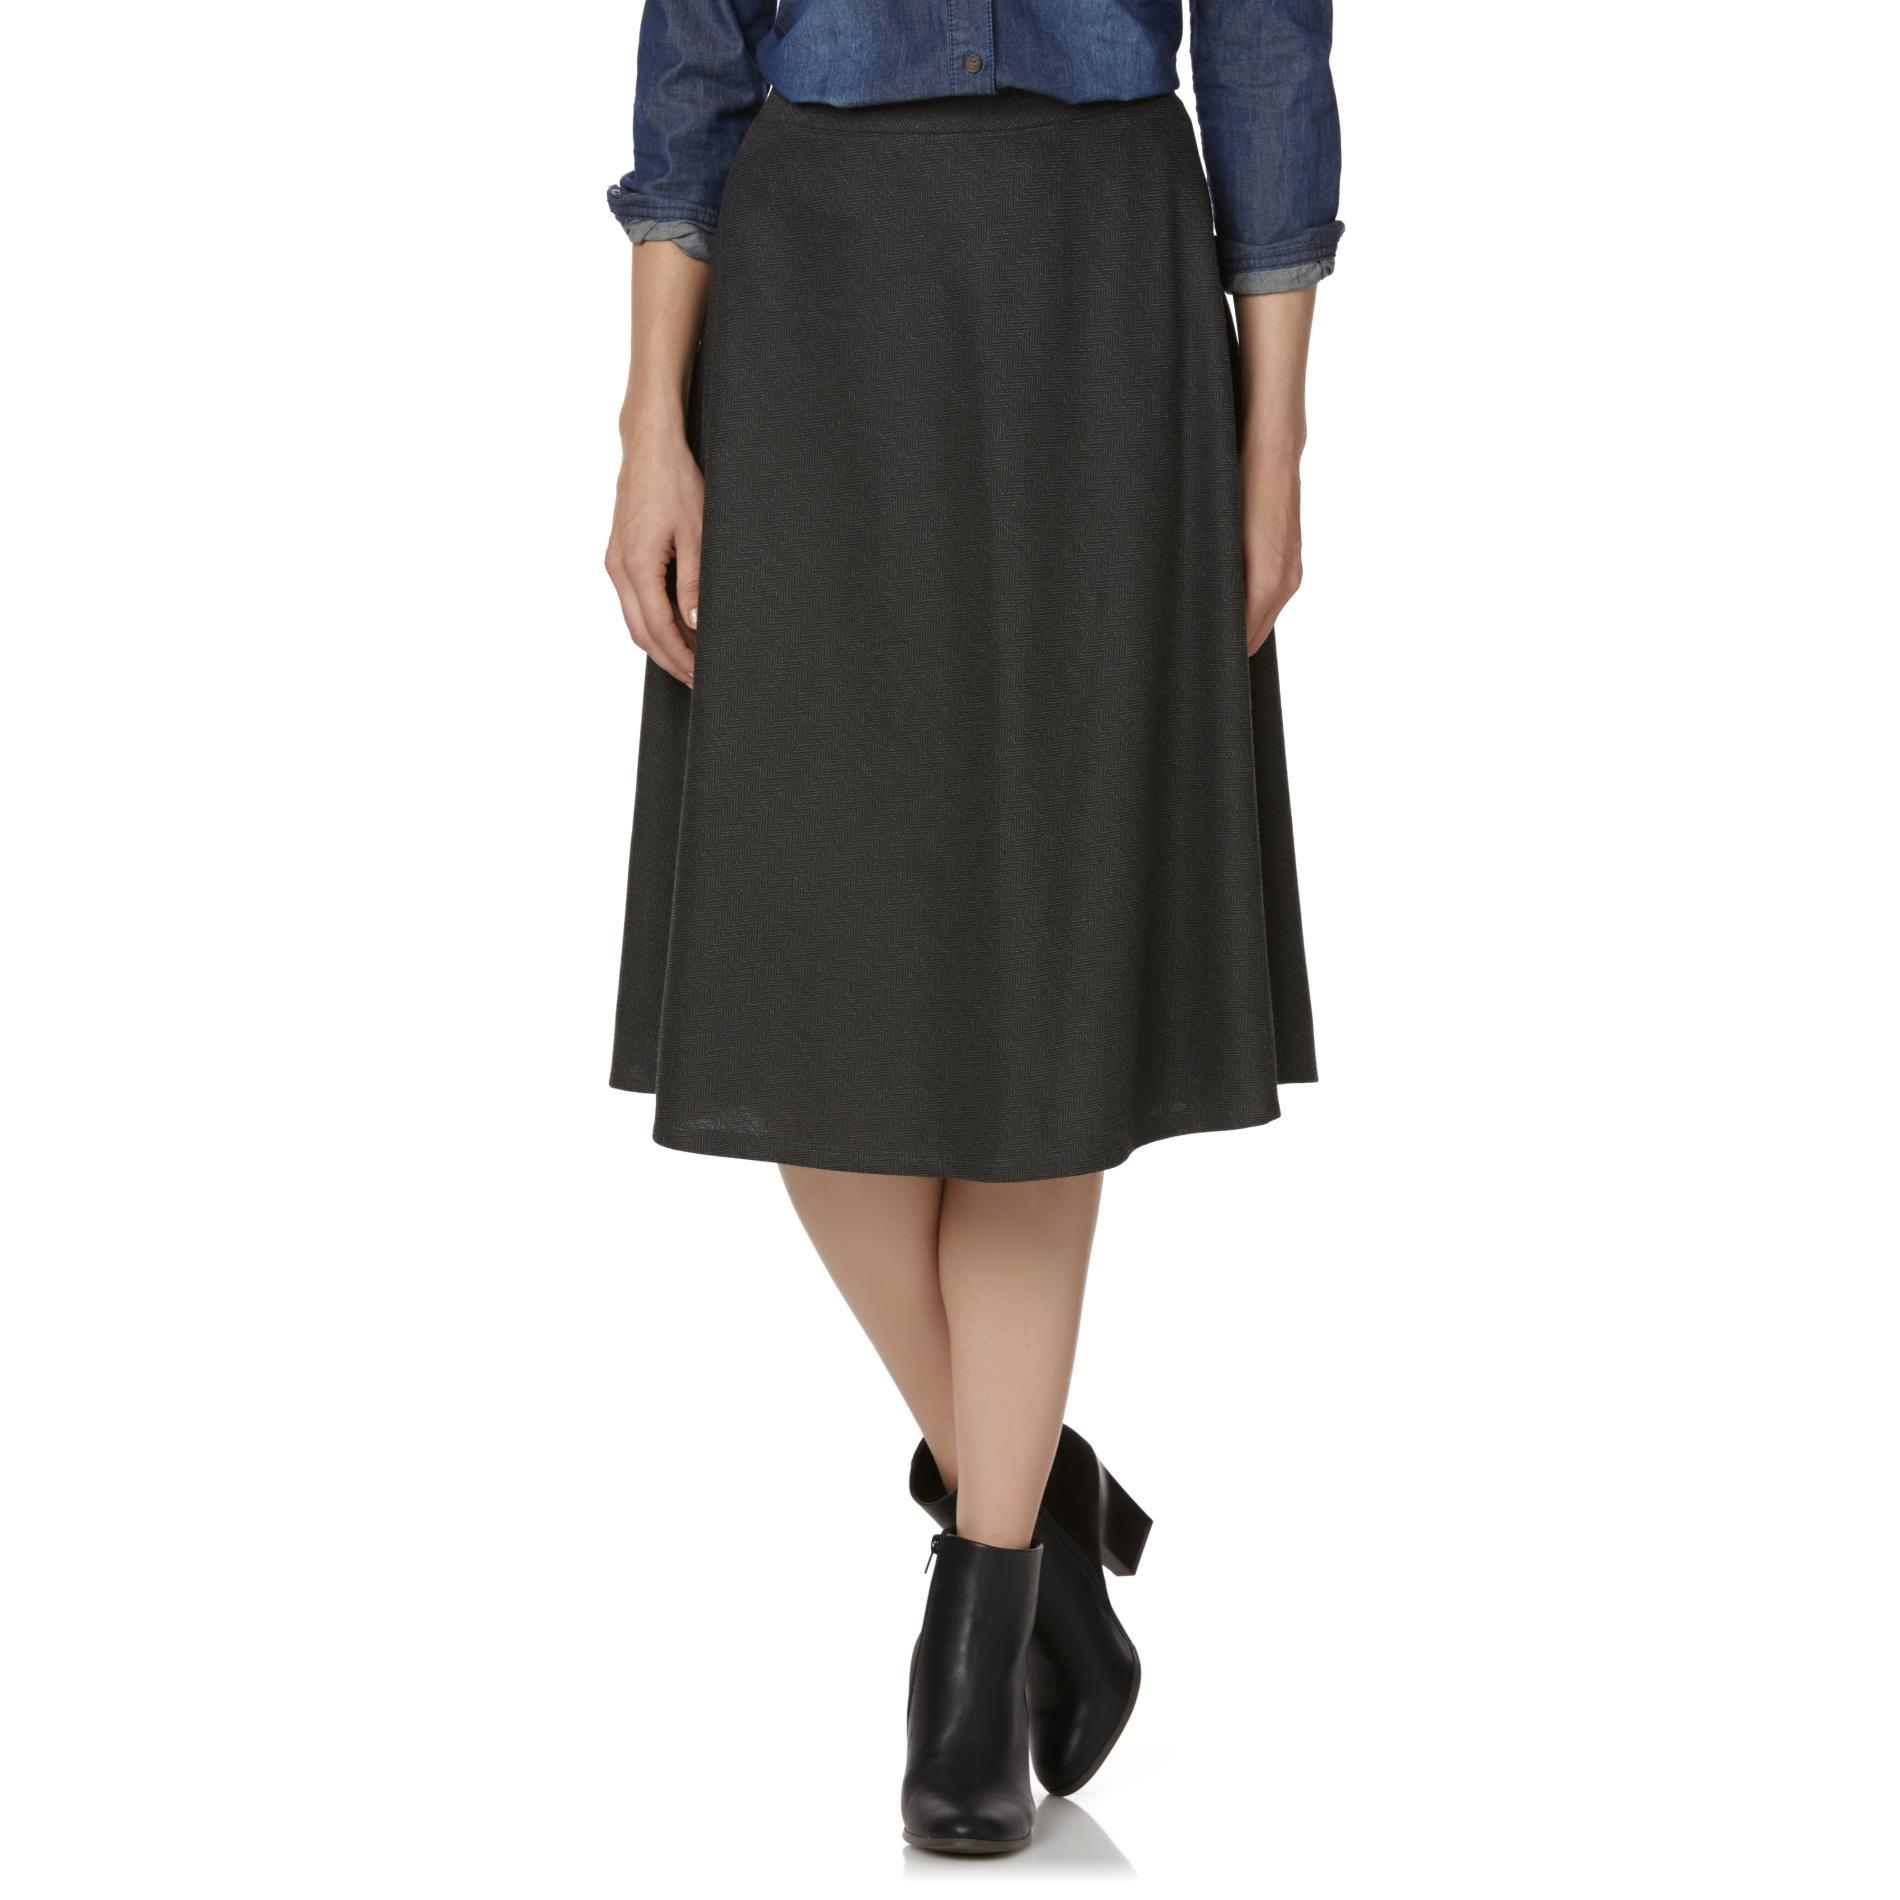 Laura Scott Women's Knit Skirt - Herringbone PartNumber: 007VA98336012P MfgPartNumber: MUDS6310H